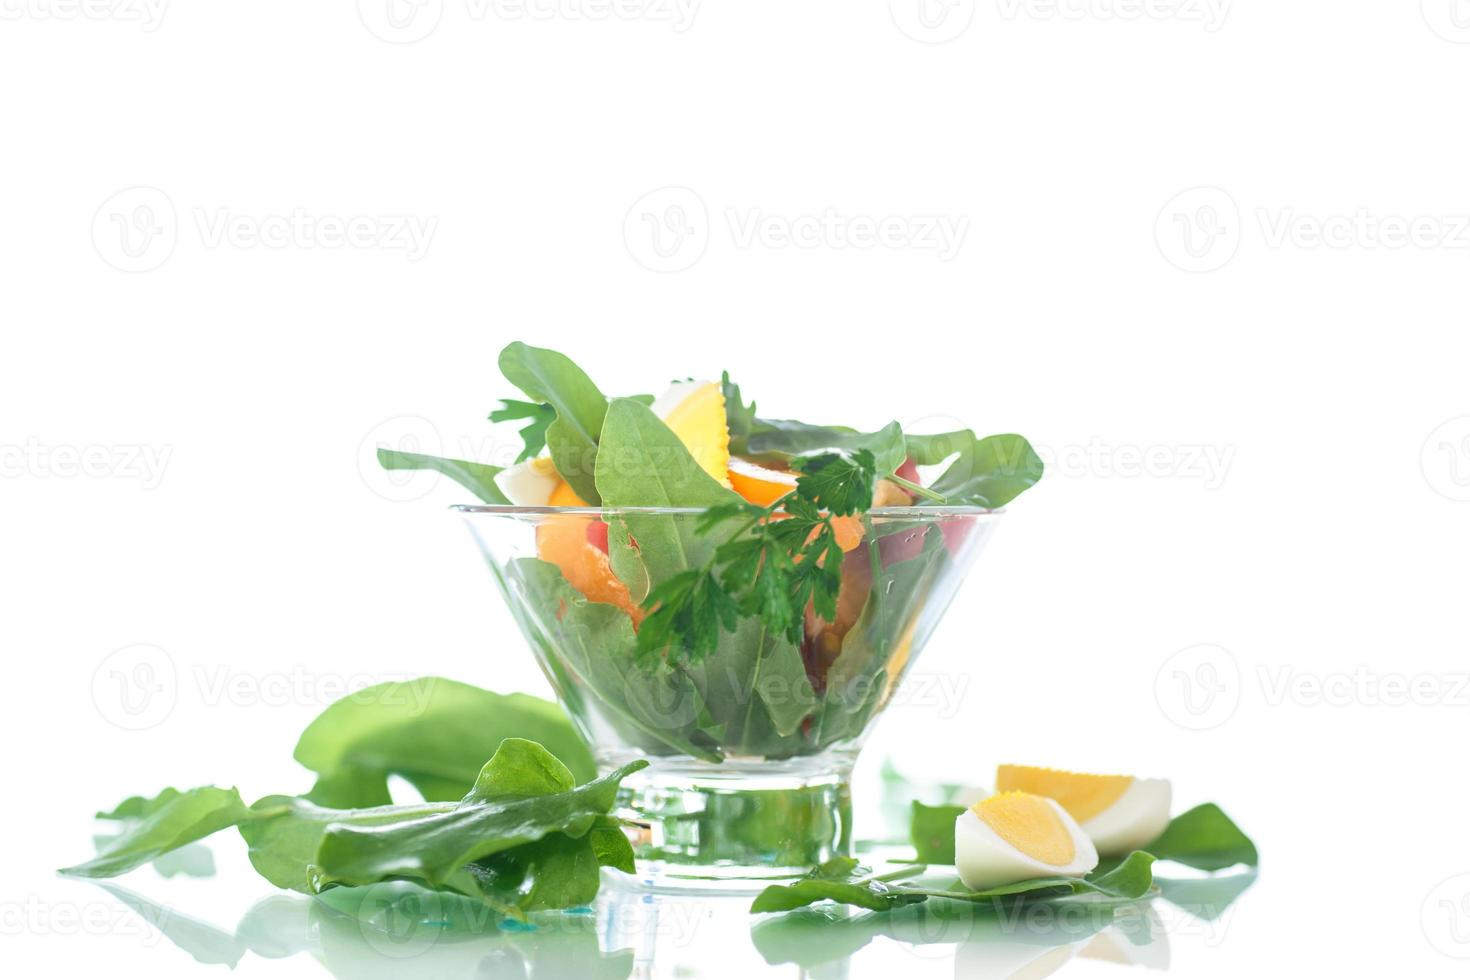 Sauerampfer Salat und Tomaten mit Ei foto